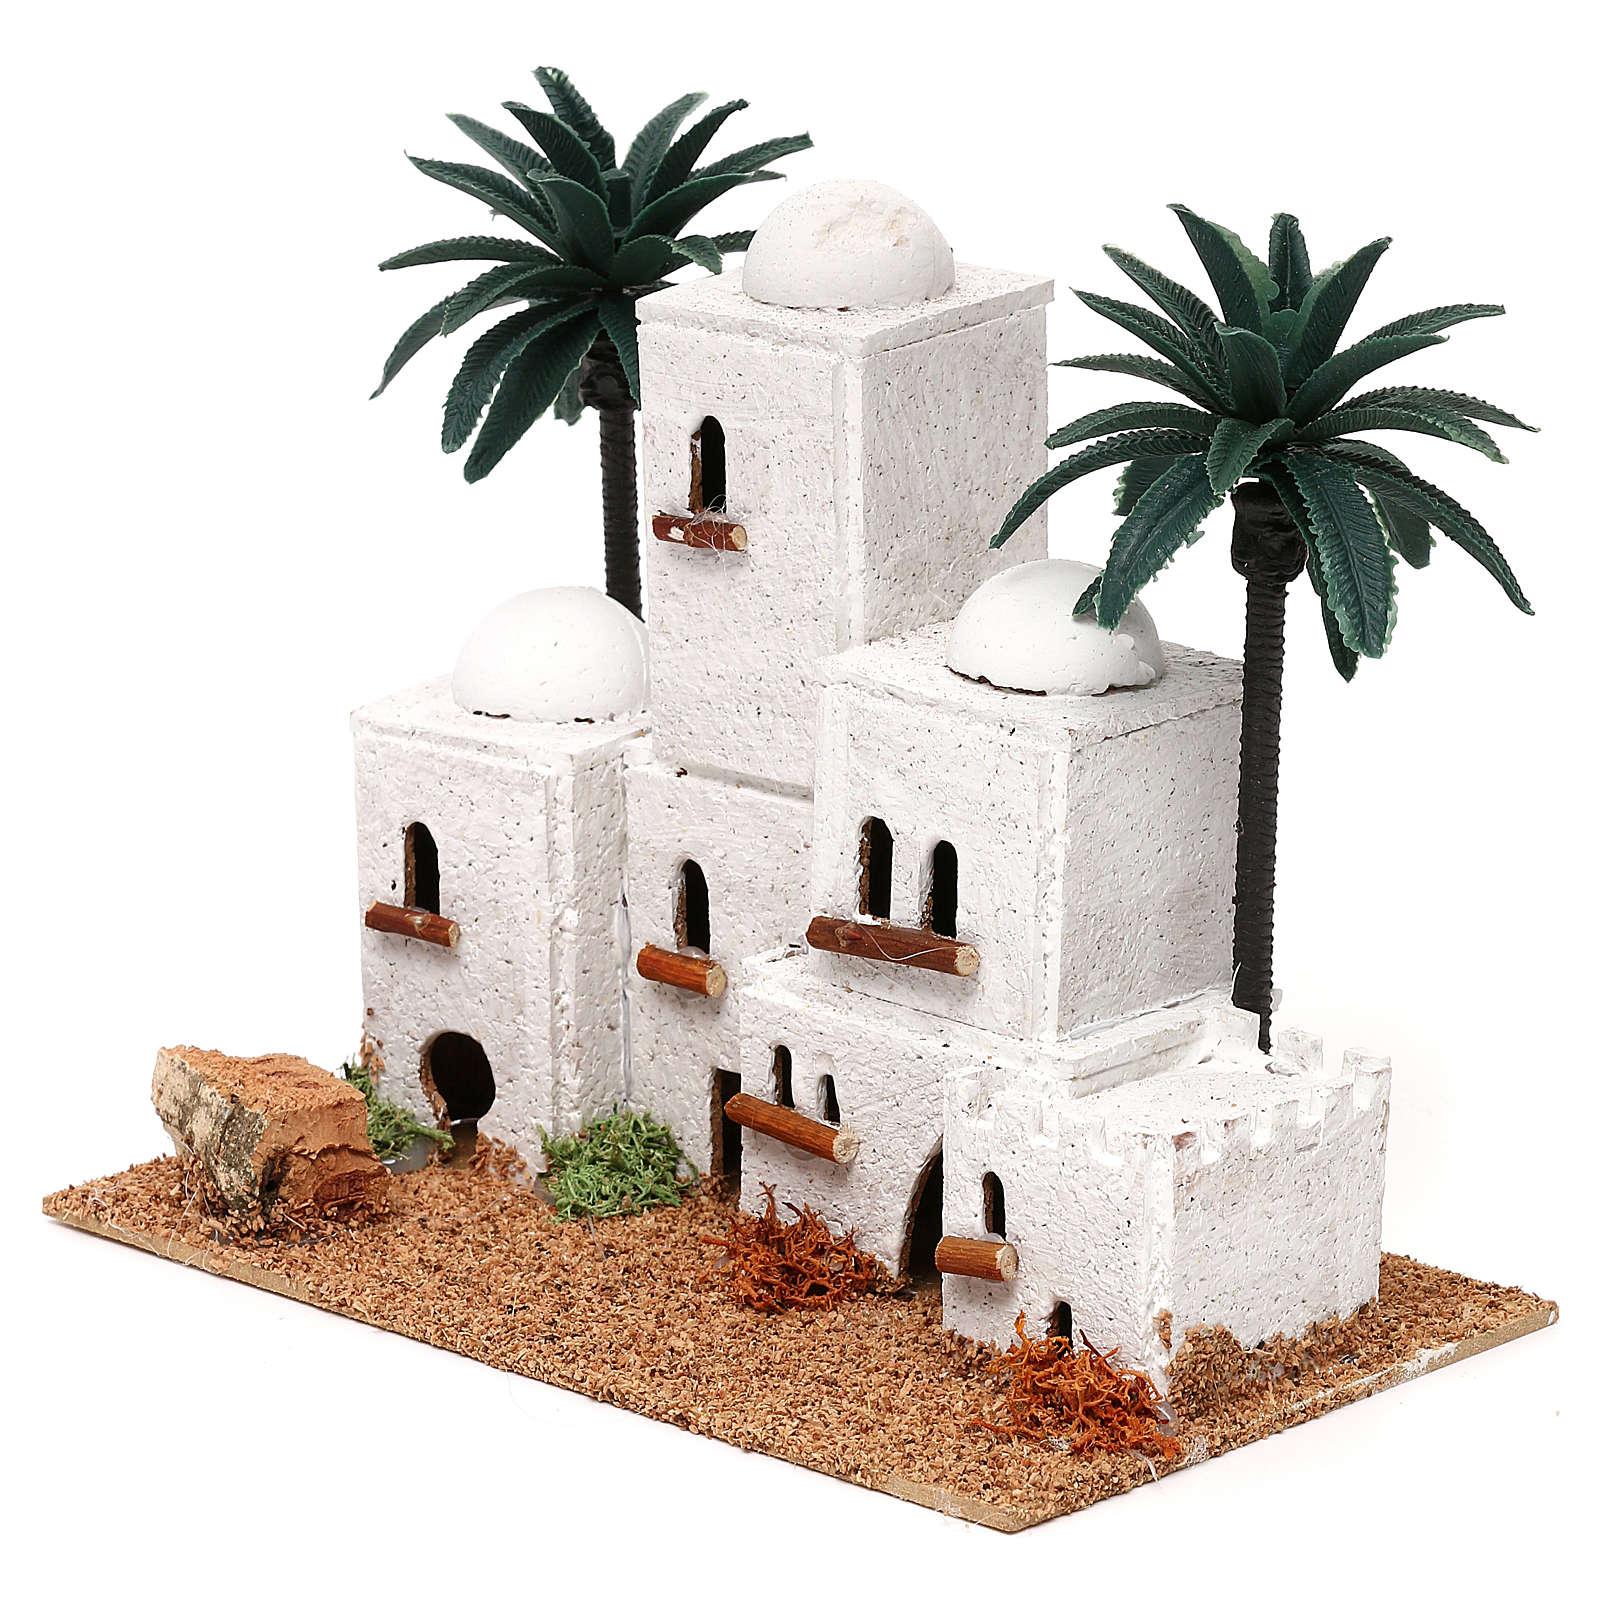 Aldeia em estilo árabe com palmeira 15x20x10 cm para presépio com figuras de 4 cm de altura média 4